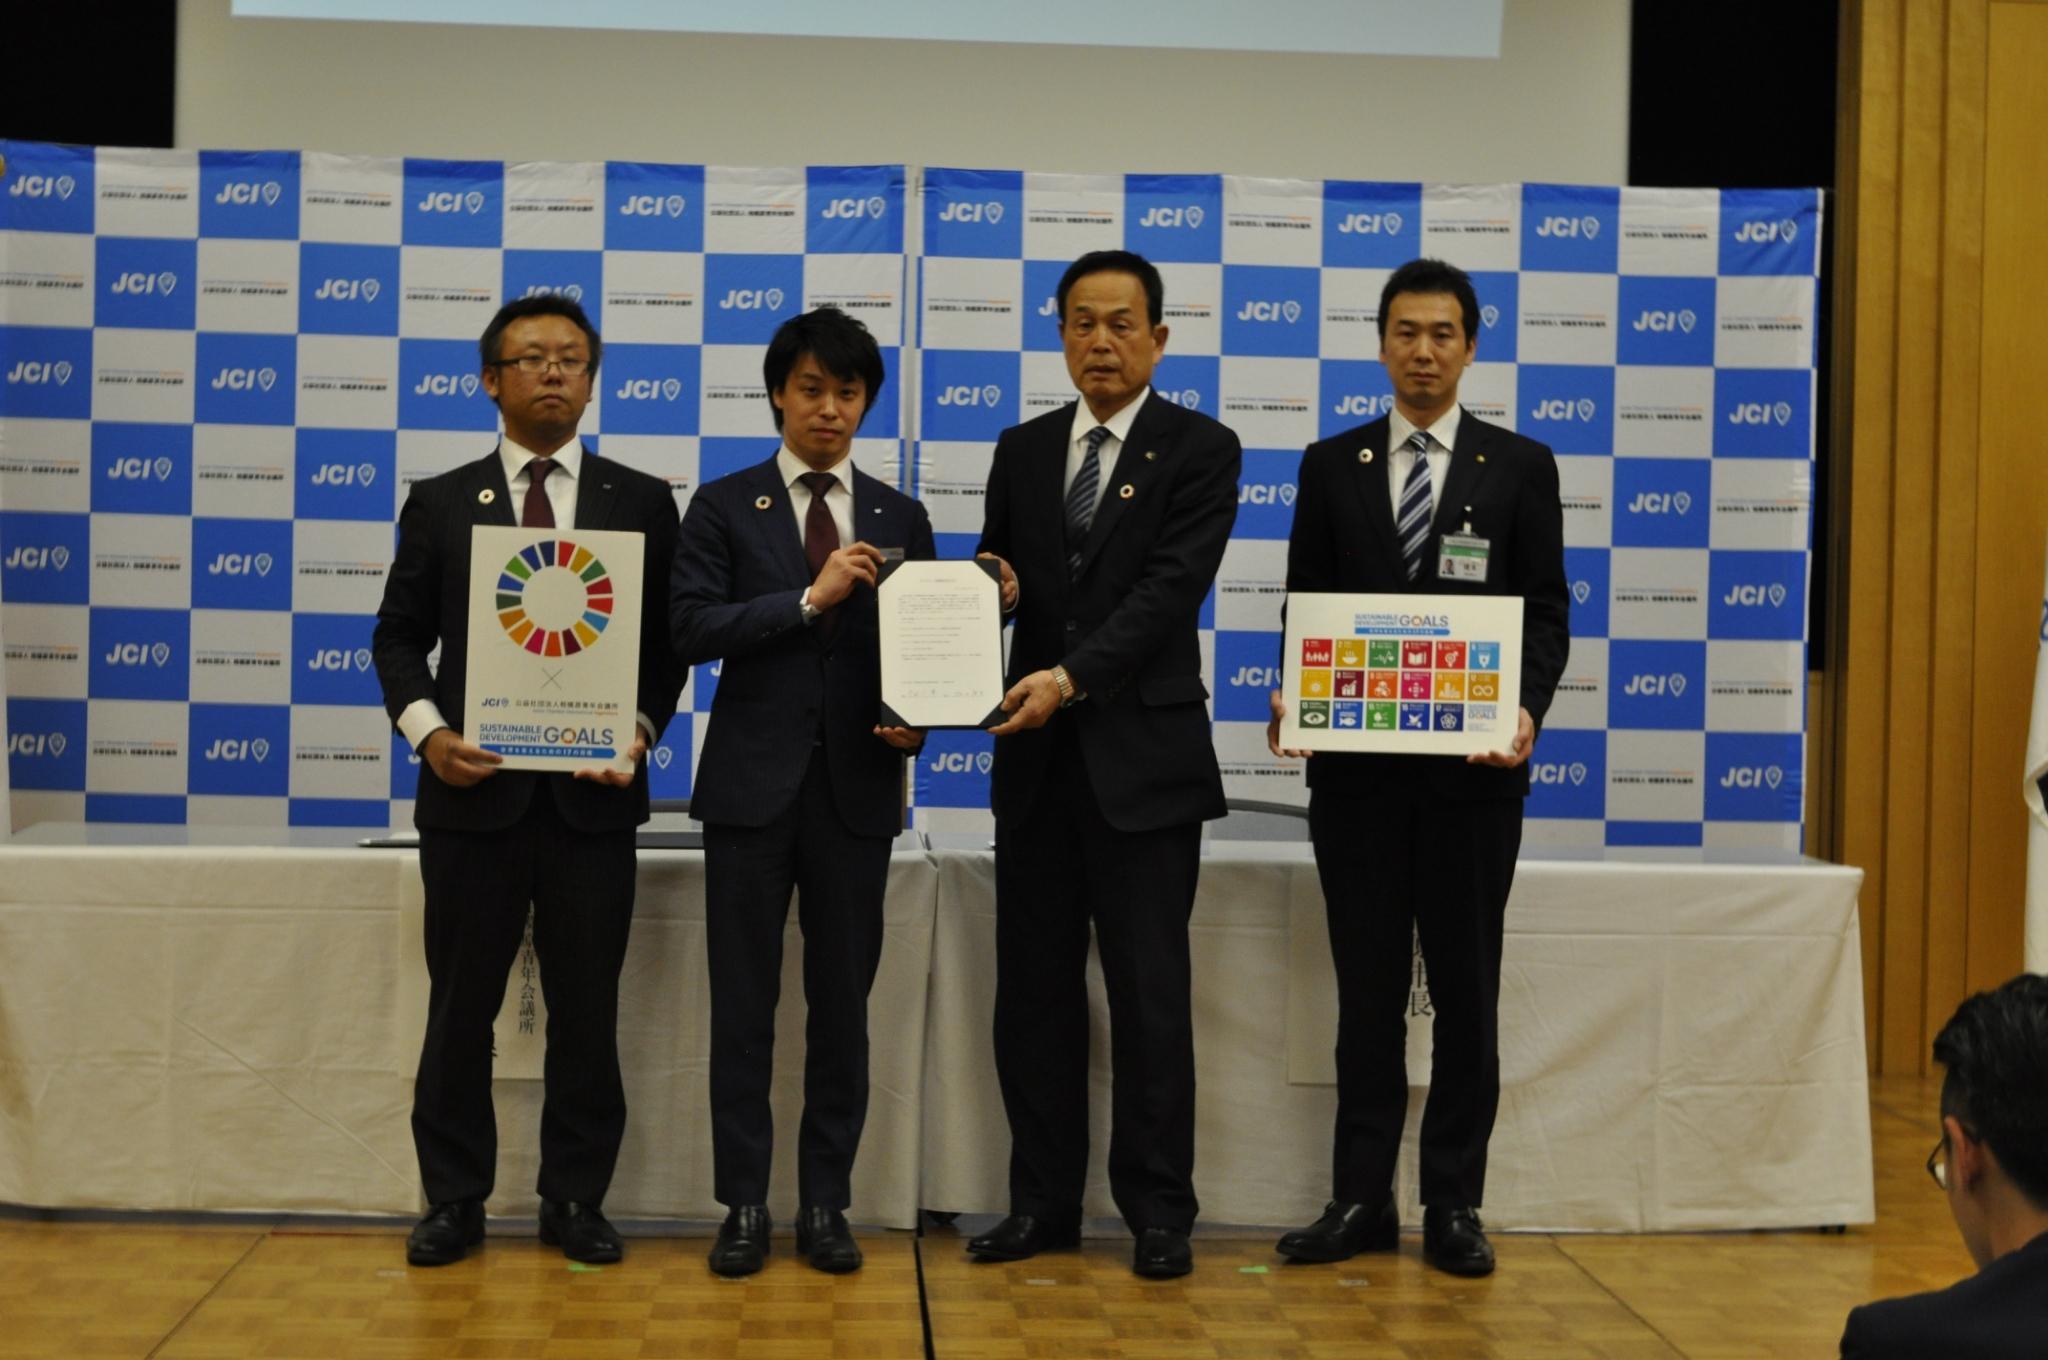 相模原市と相模原青年会議所で「SDGs協働推進宣言」の署名式を行いました。